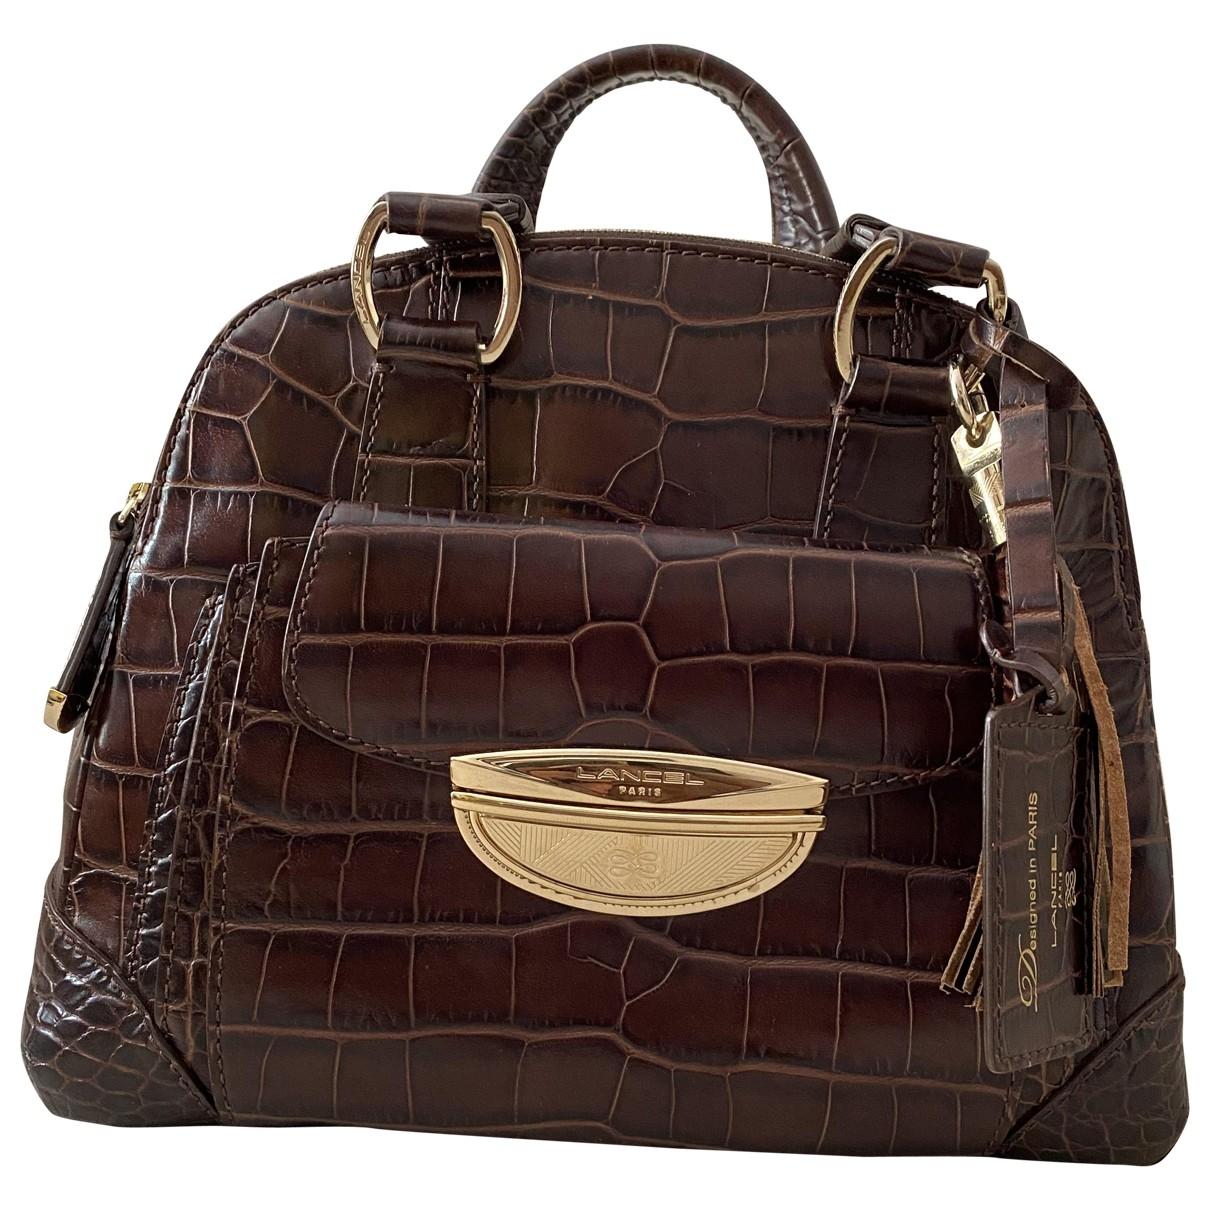 Lancel Adjani Handtasche in  Braun Exotenleder